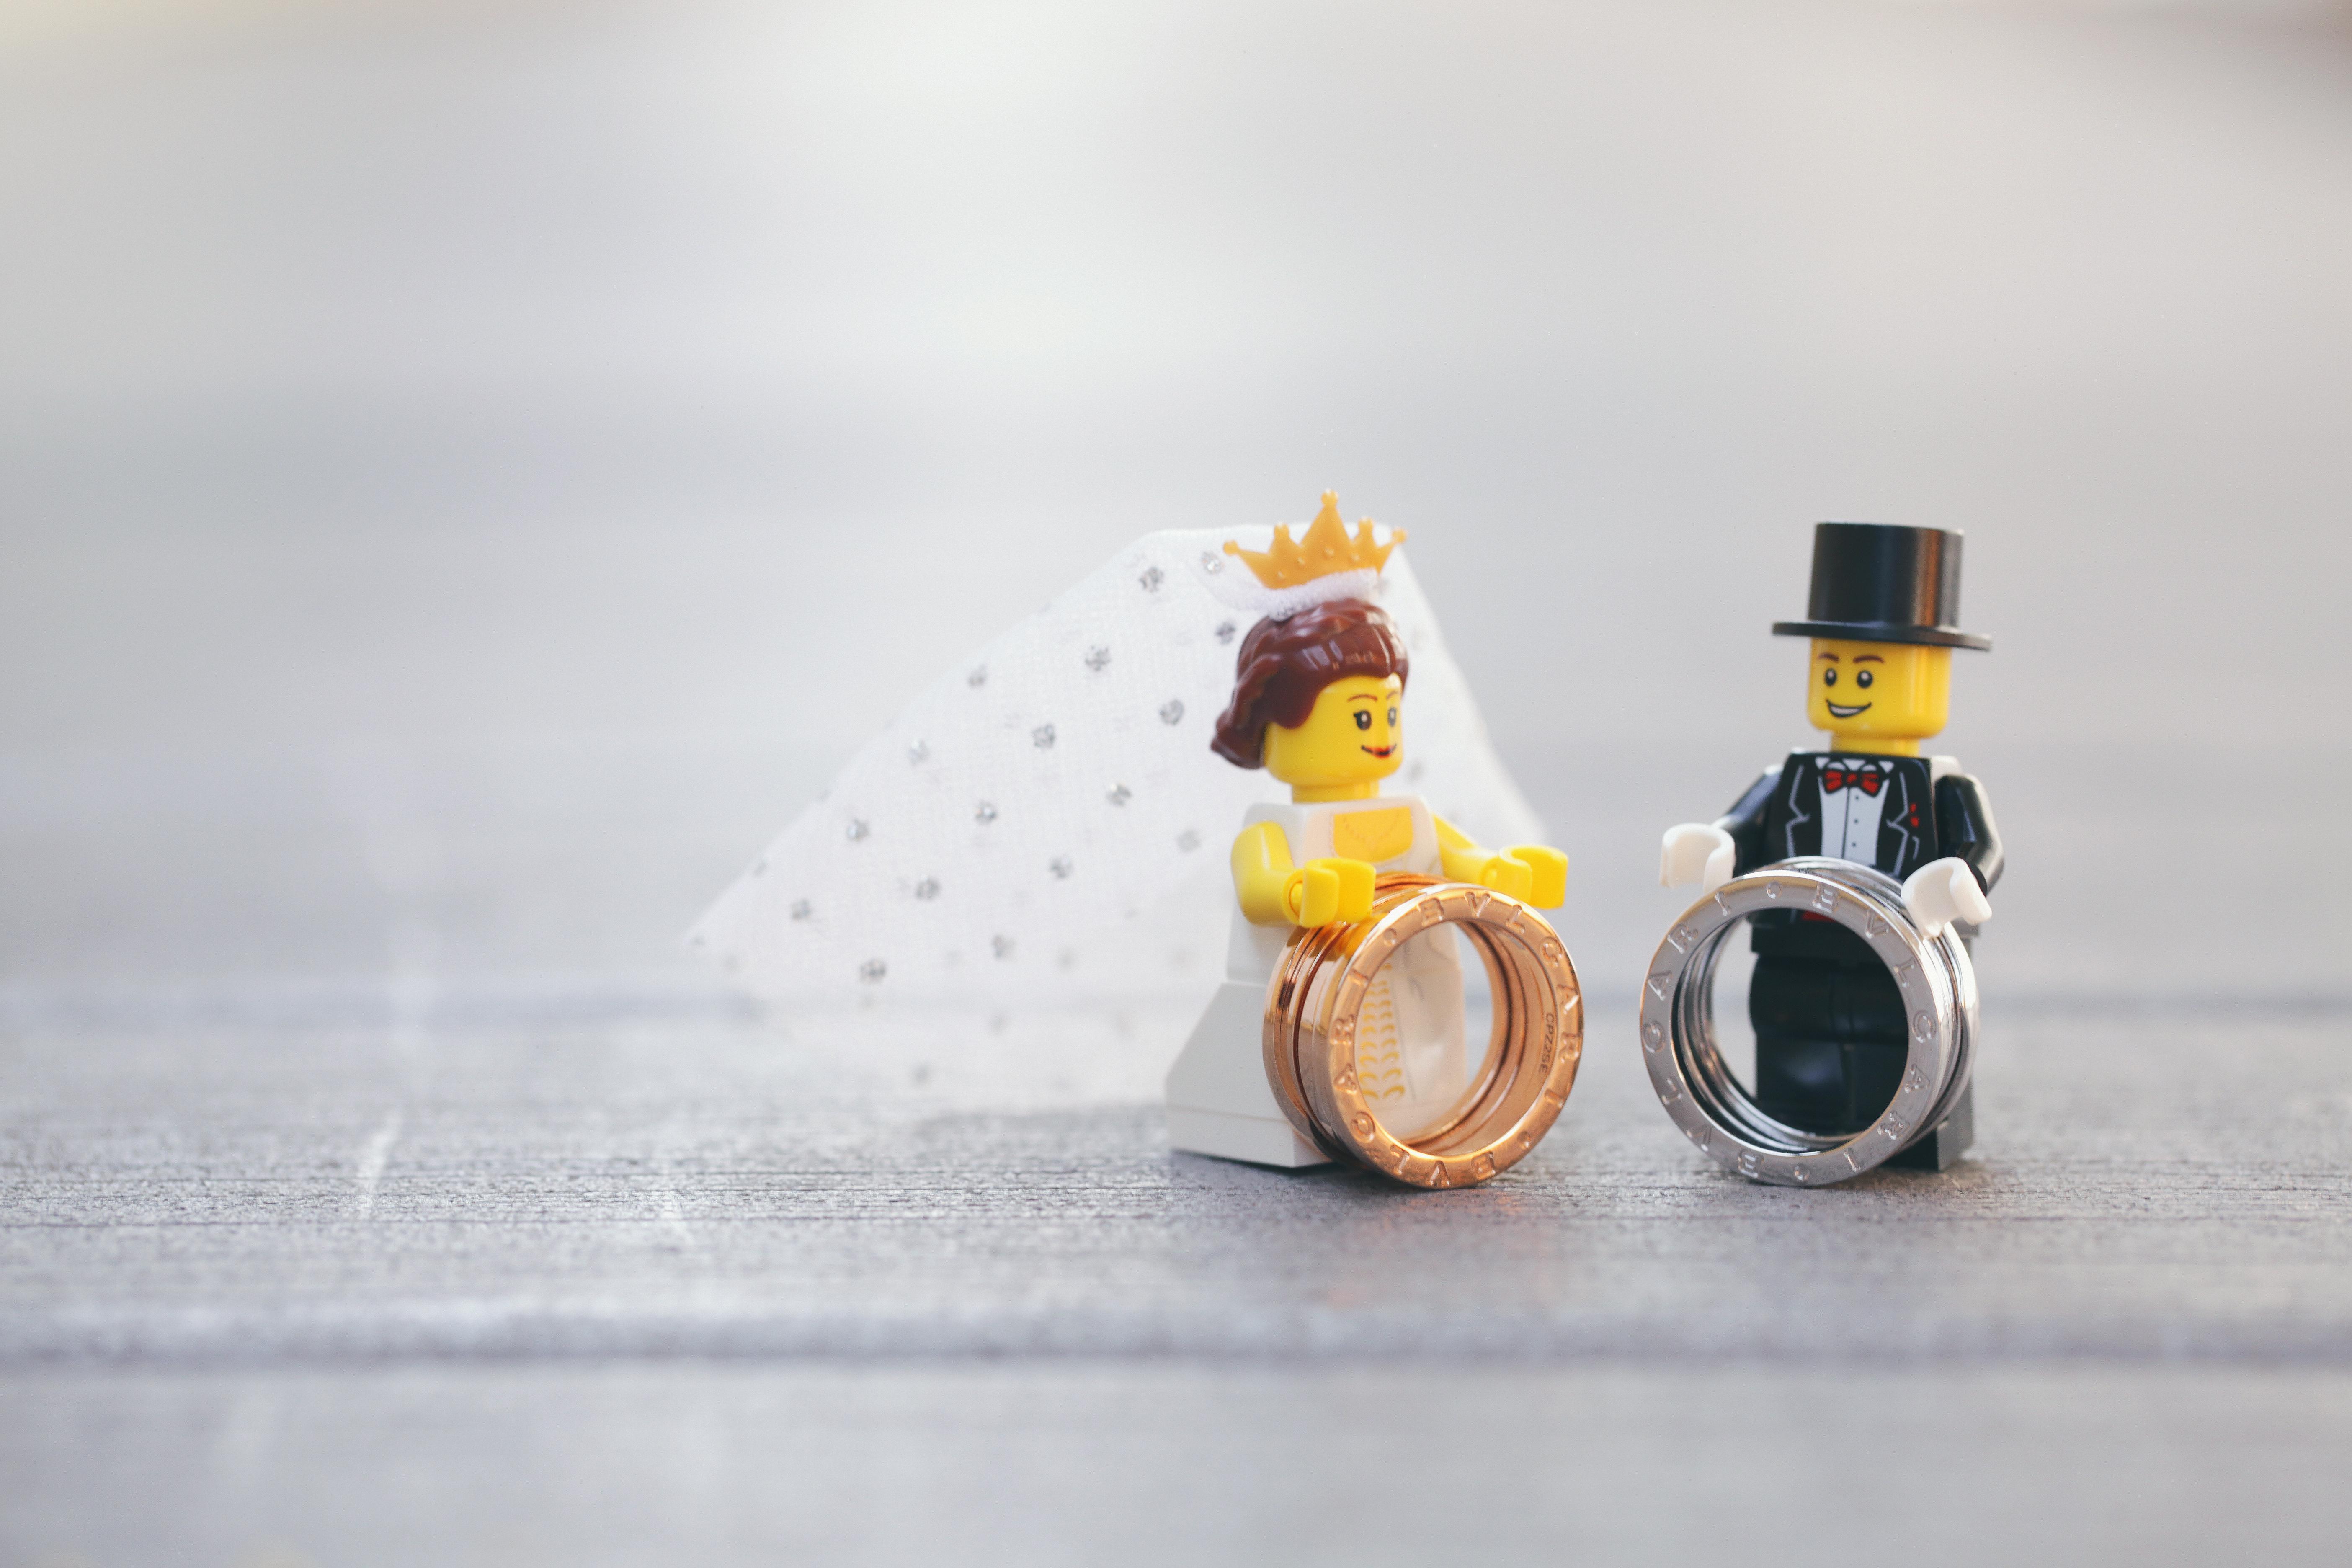 Lego Themed Wedding - Sirmione Wedding